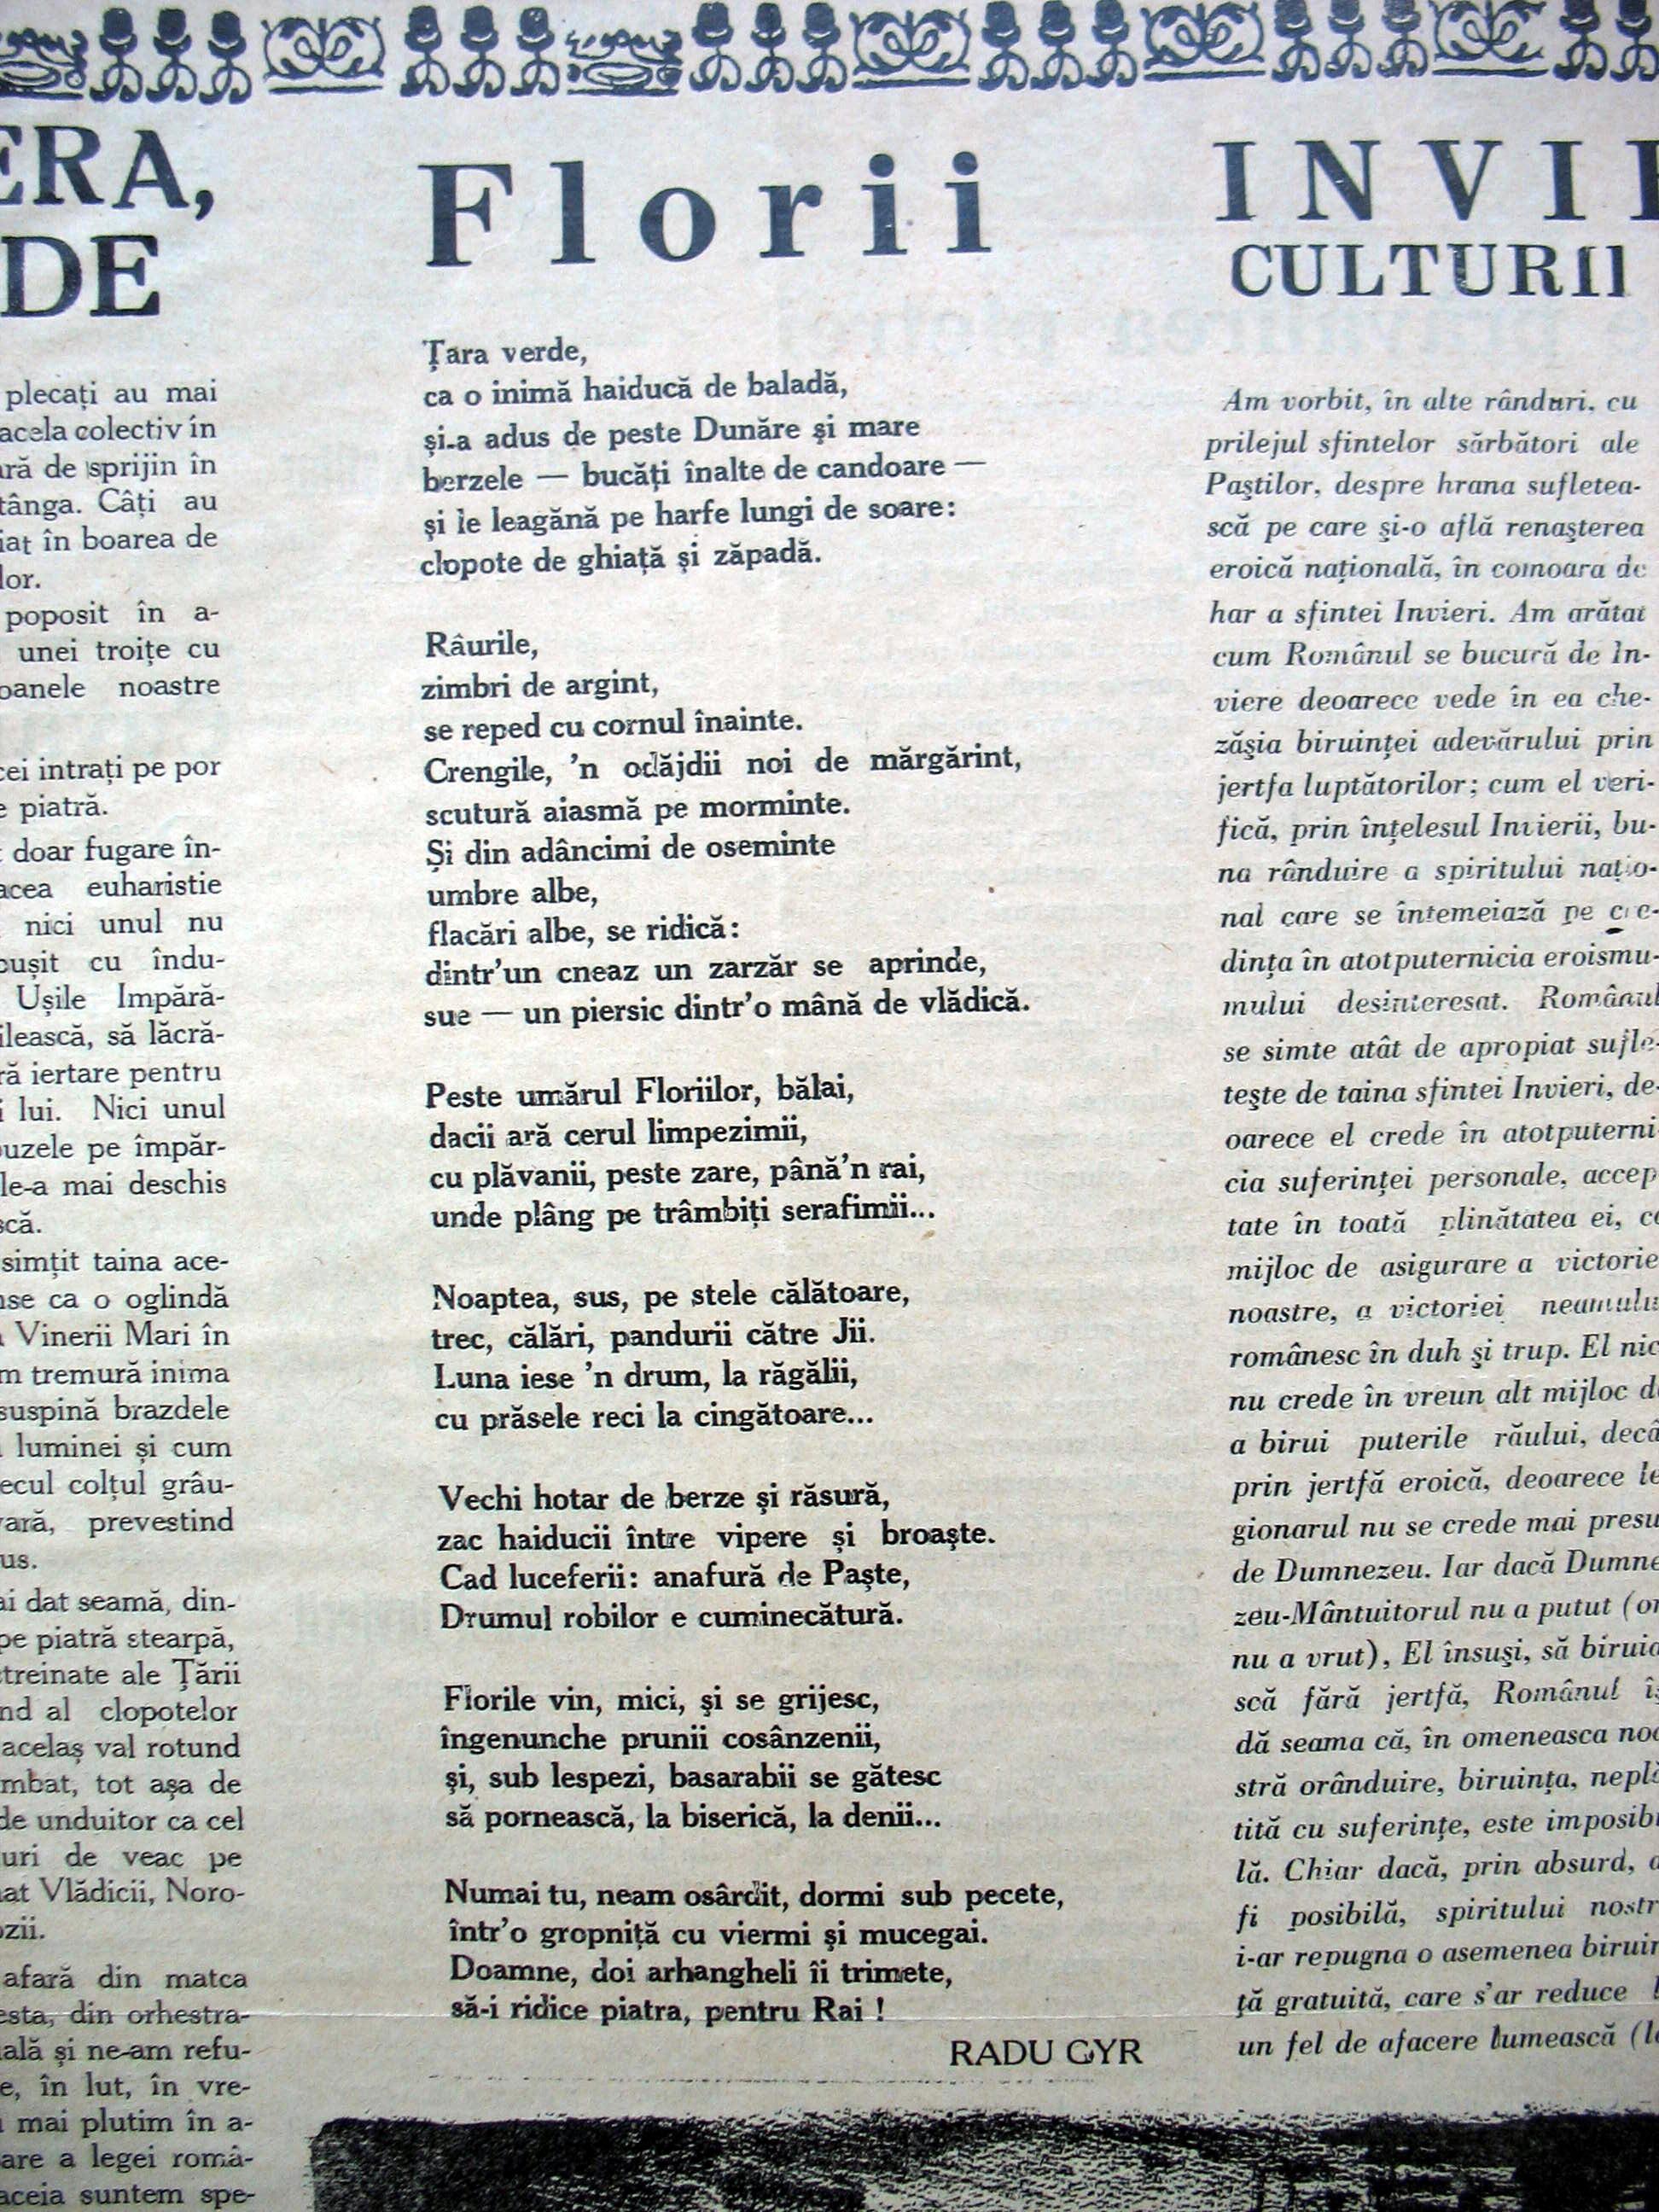 PAMINTUL-STRAMOSESC-745 Radu Gyr Florii